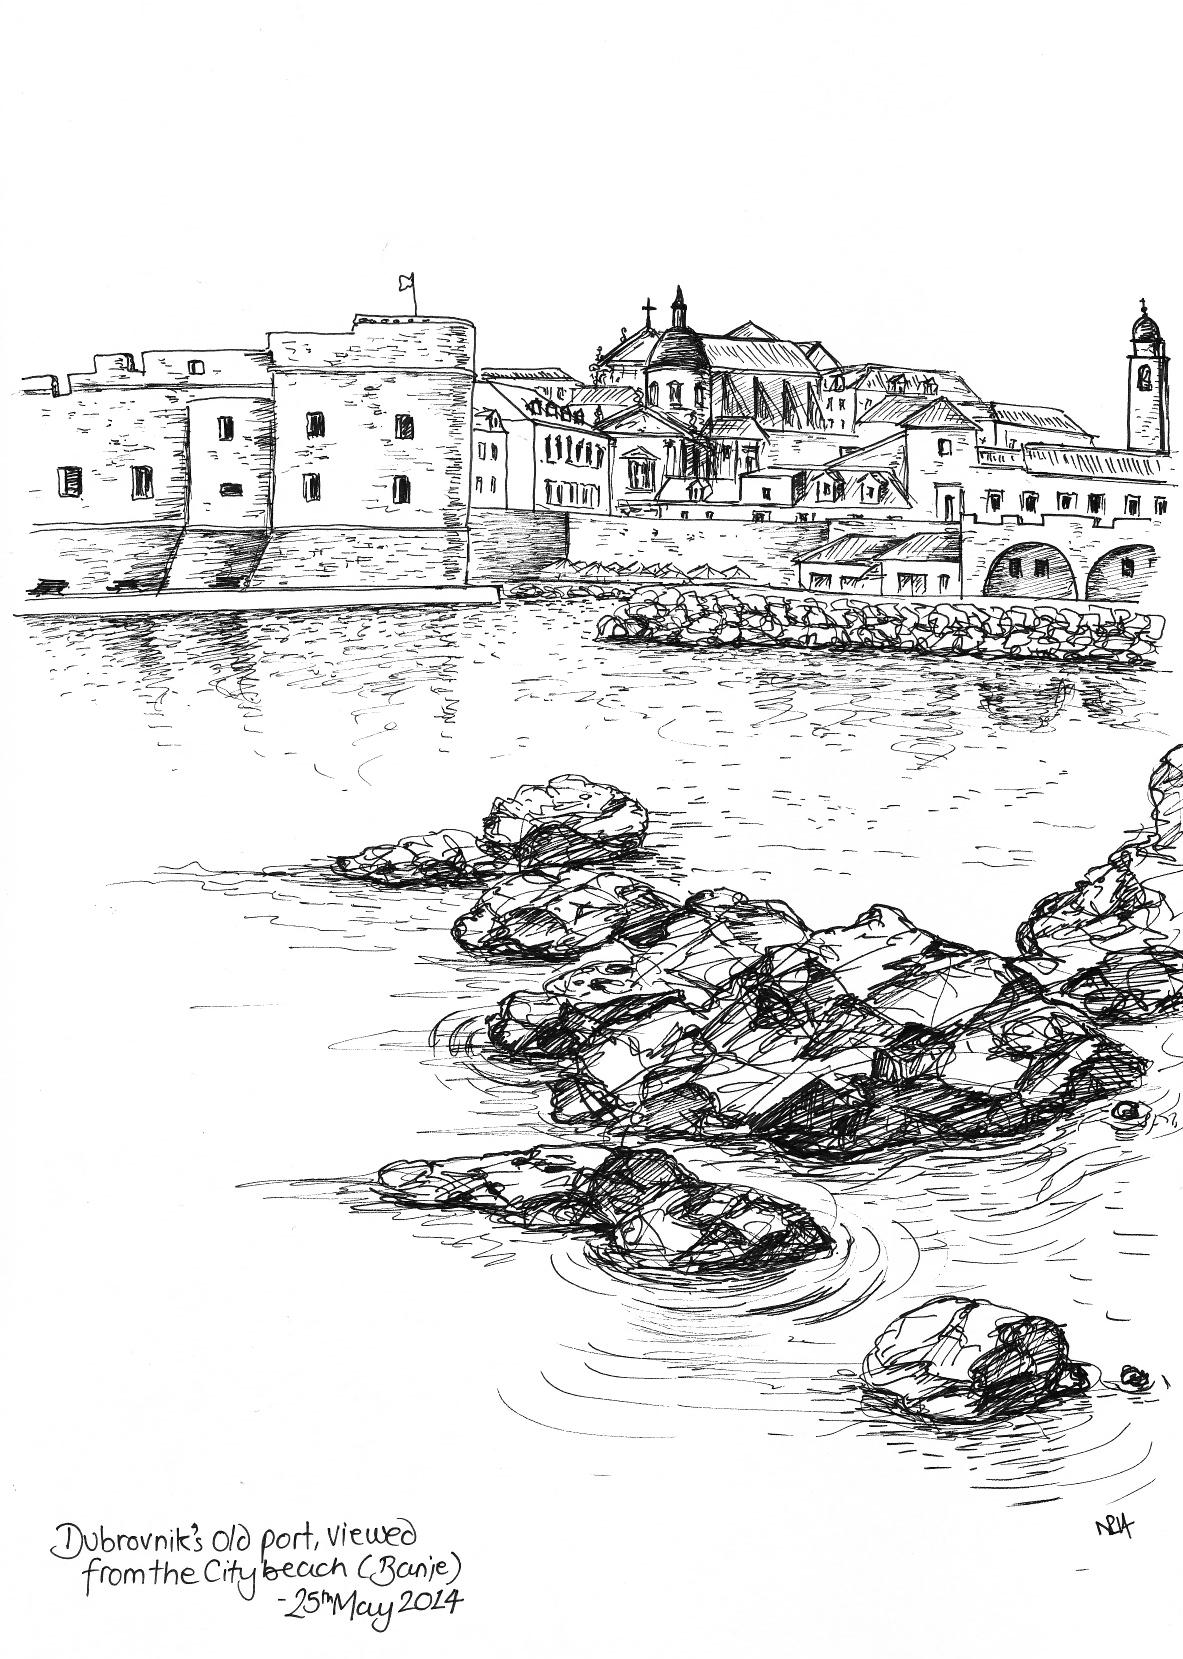 My Dubrovnik Sketchbook (Part 3)